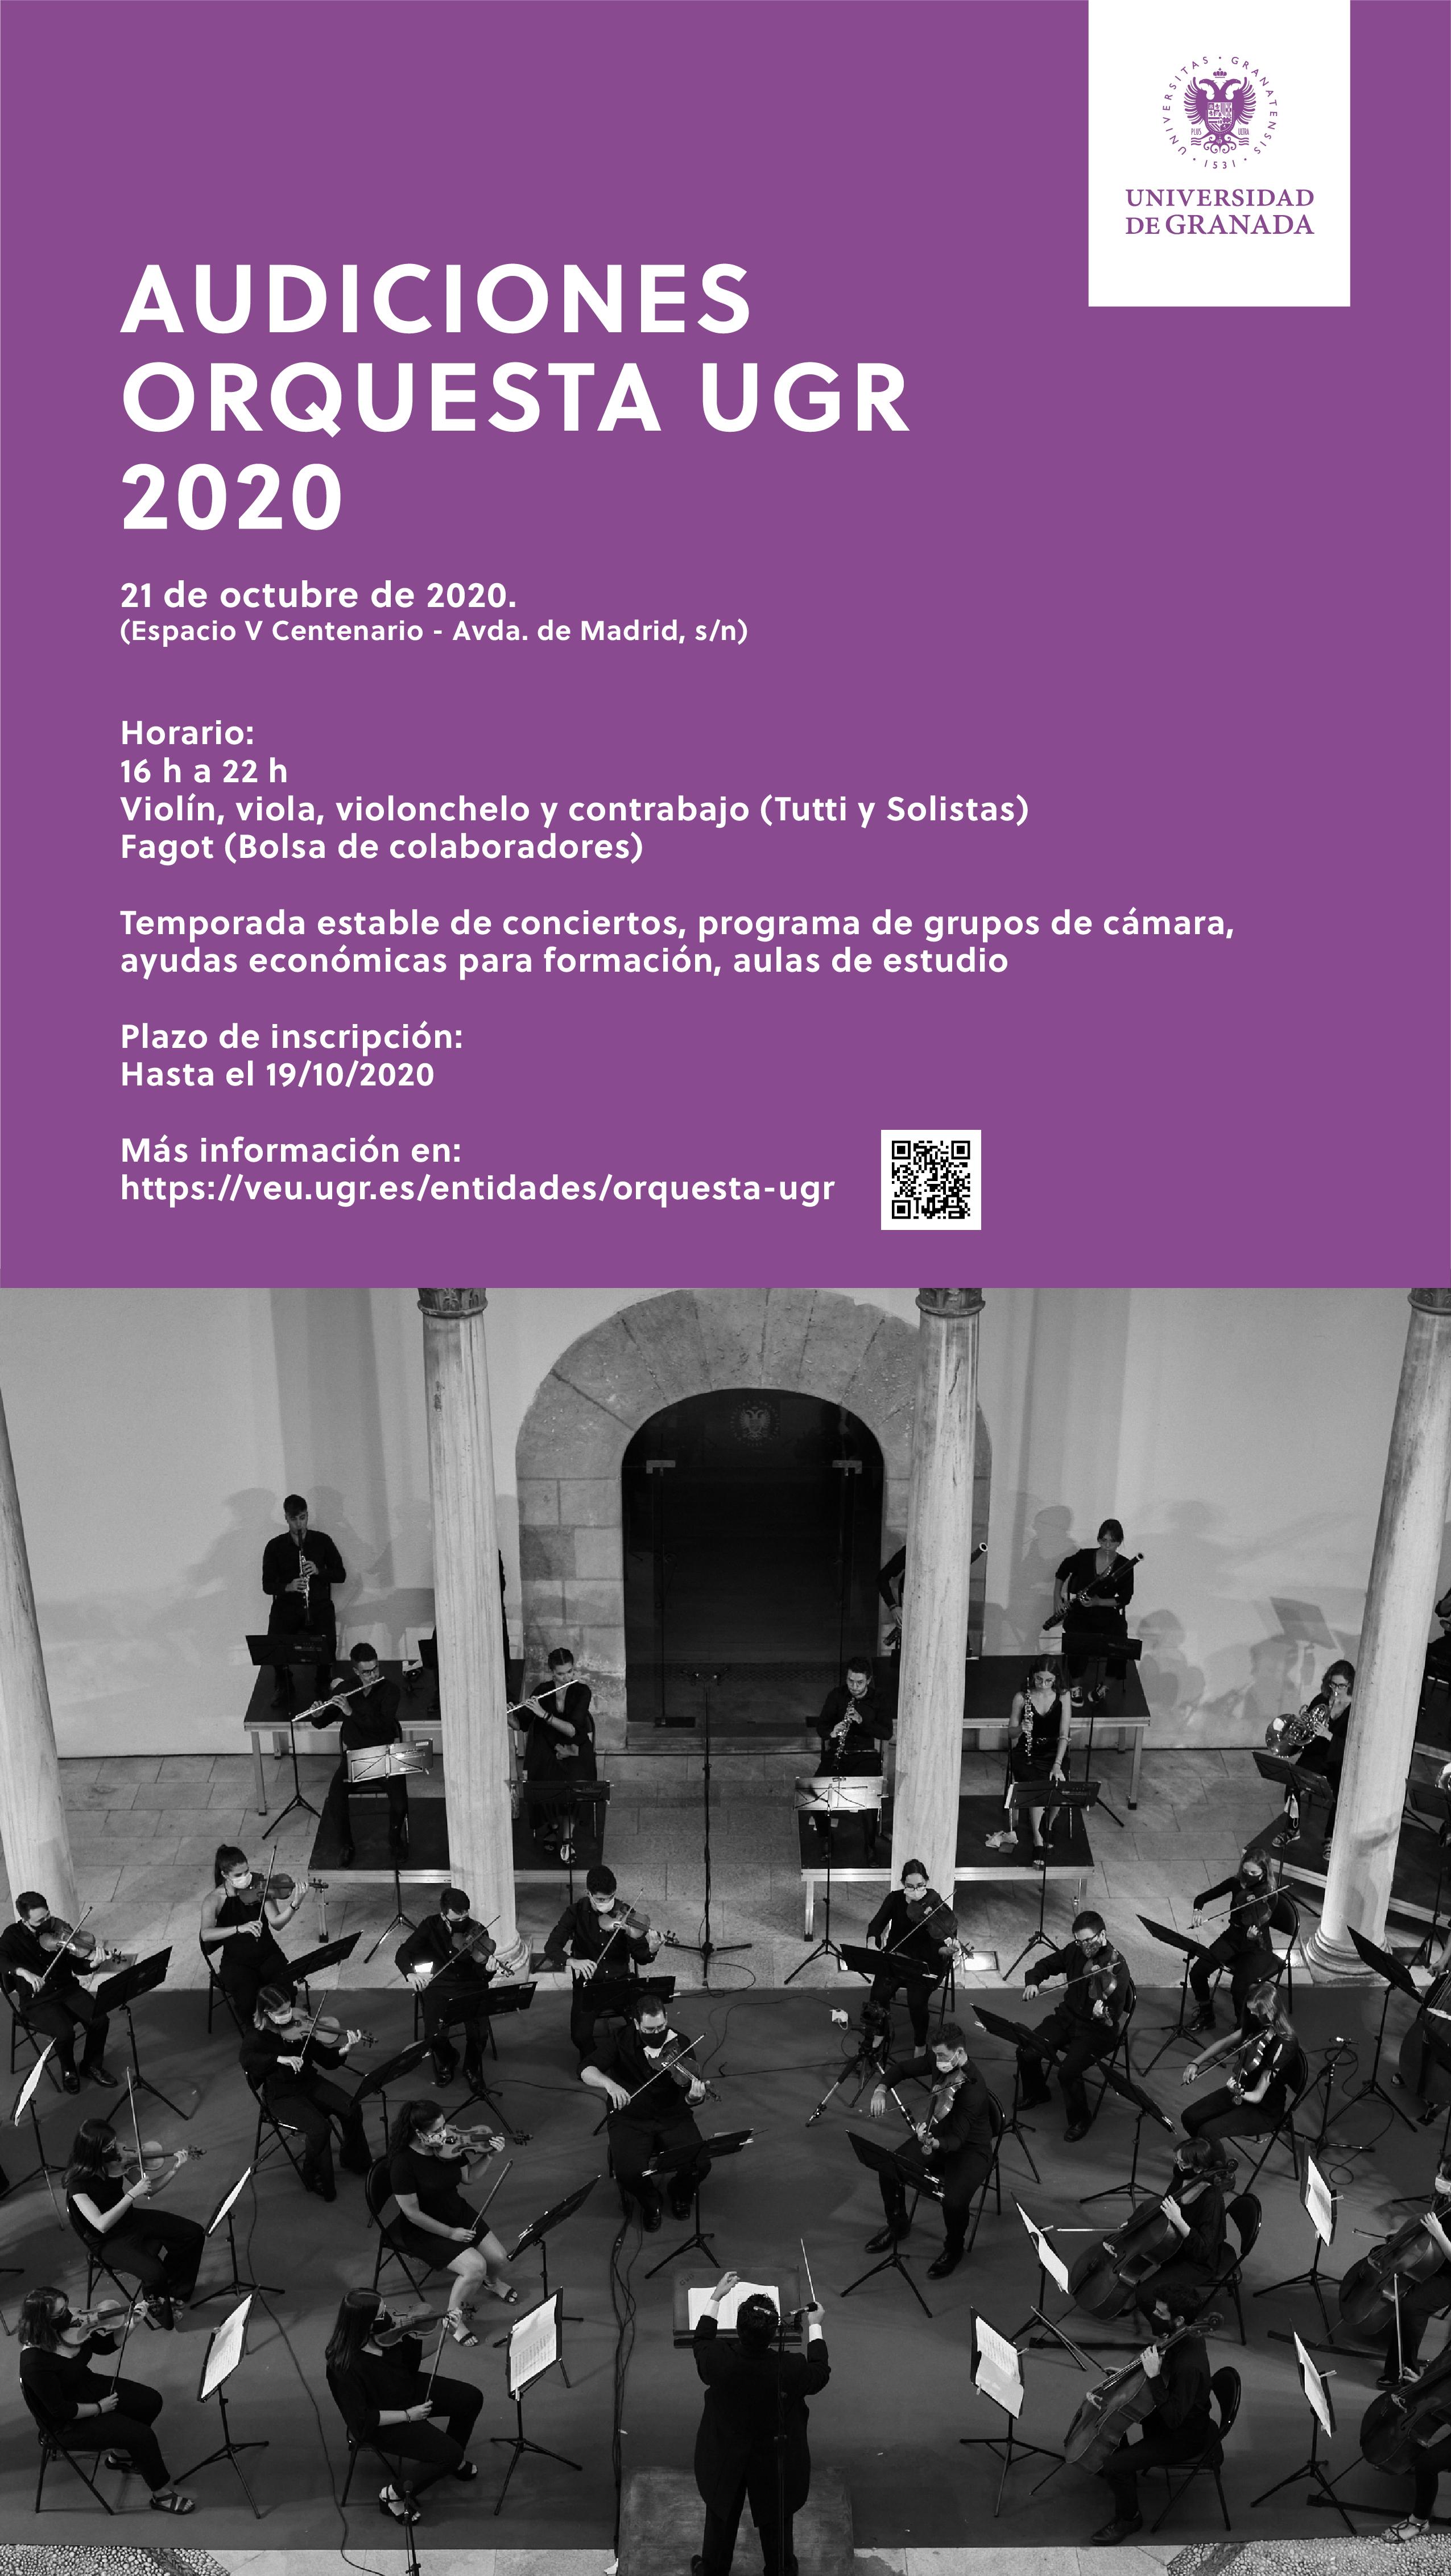 Imagen de portada de Audiciones Orquesta UGR 2020